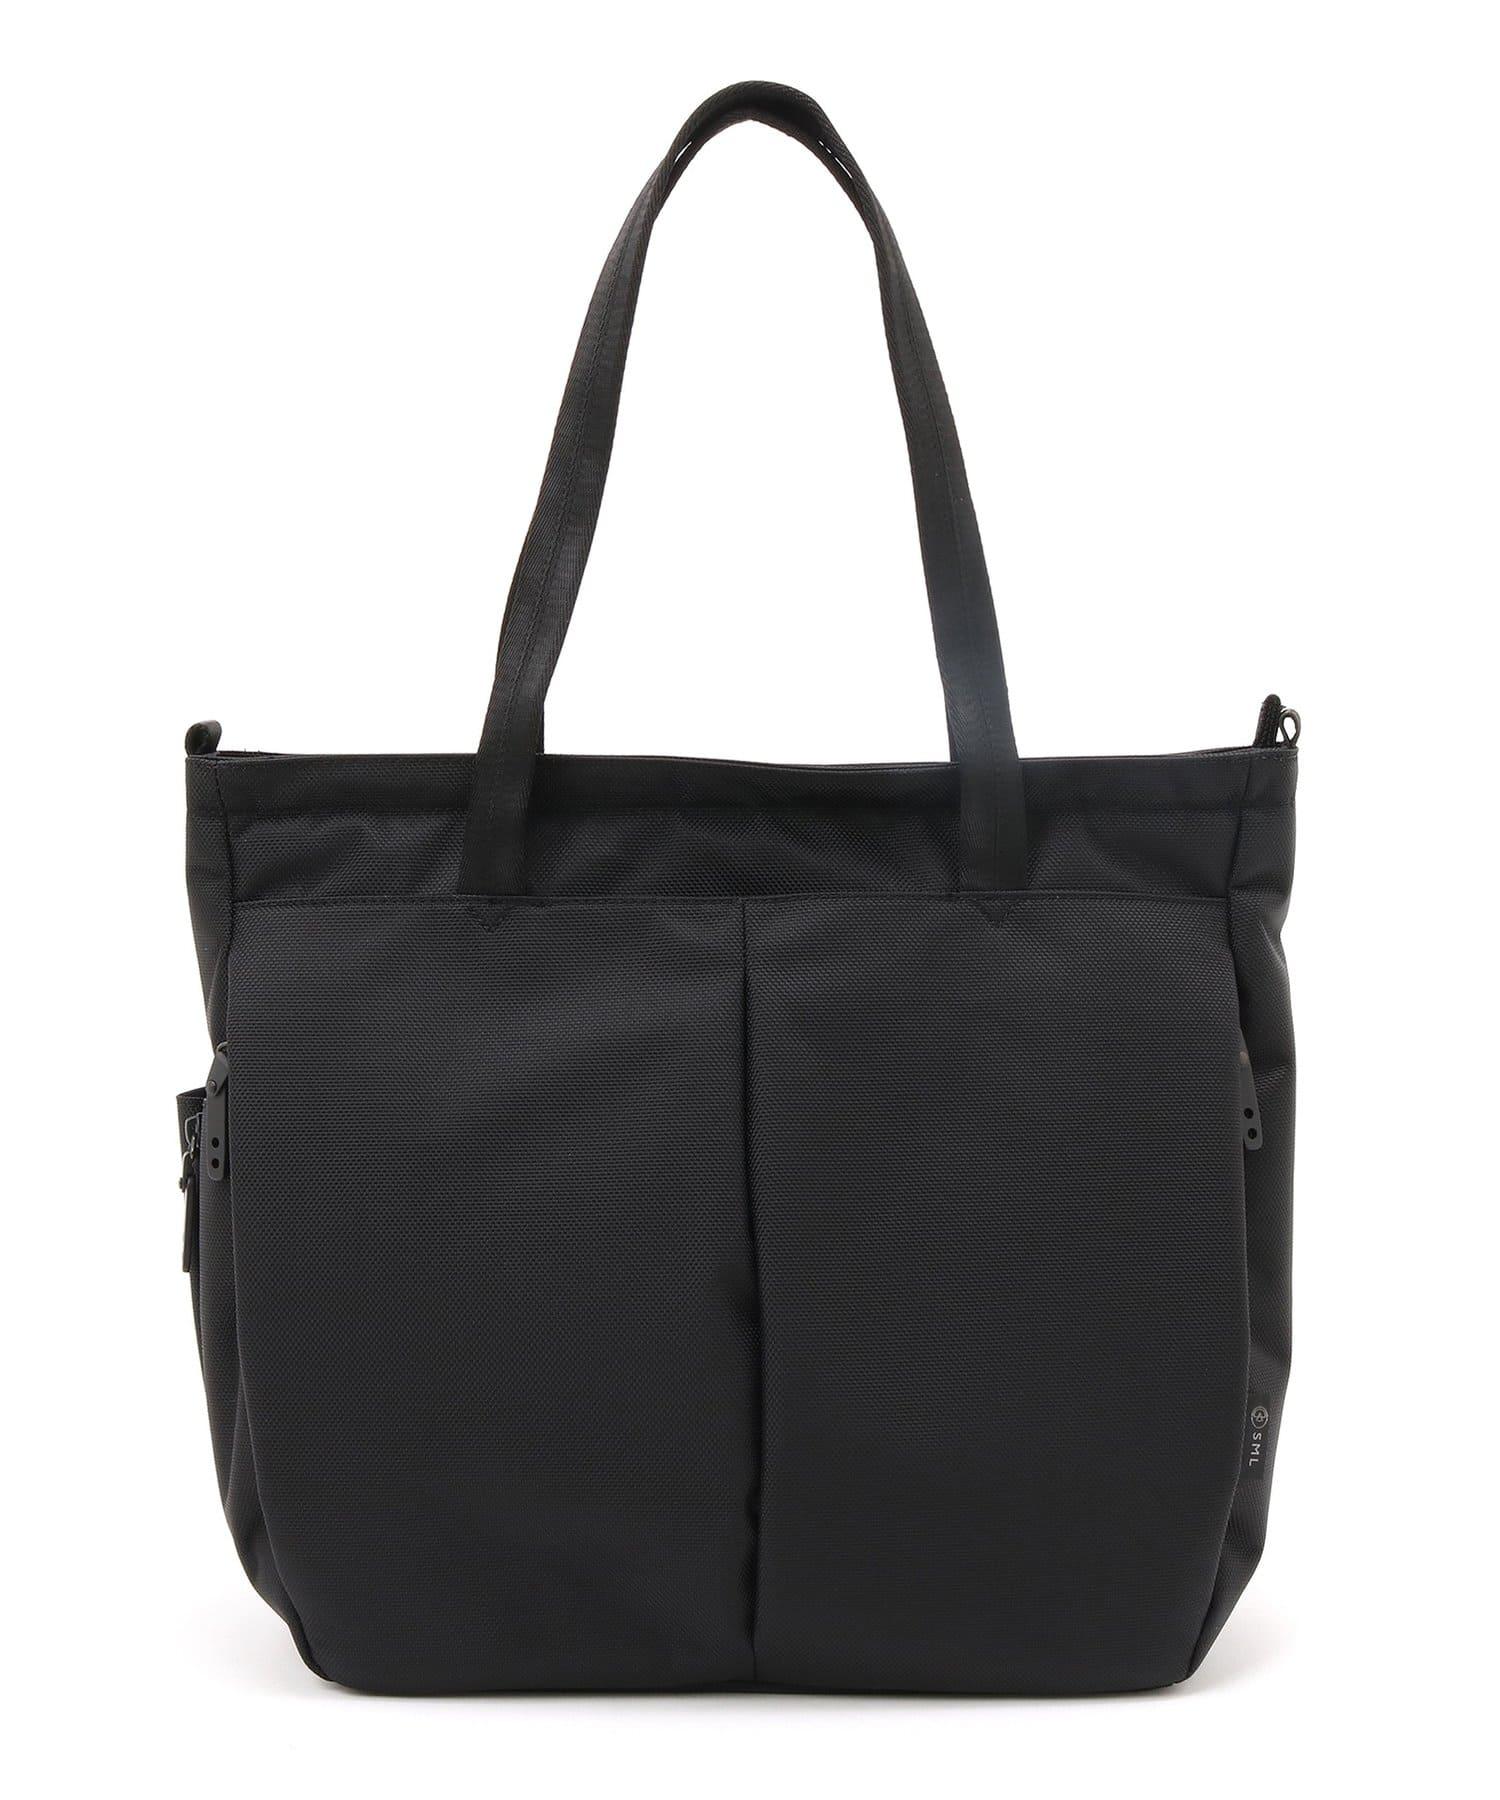 Lui's(ルイス) メンズ 【SML/エスエムエル】2WAY TOTE BAG(トートバッグ) ブラック